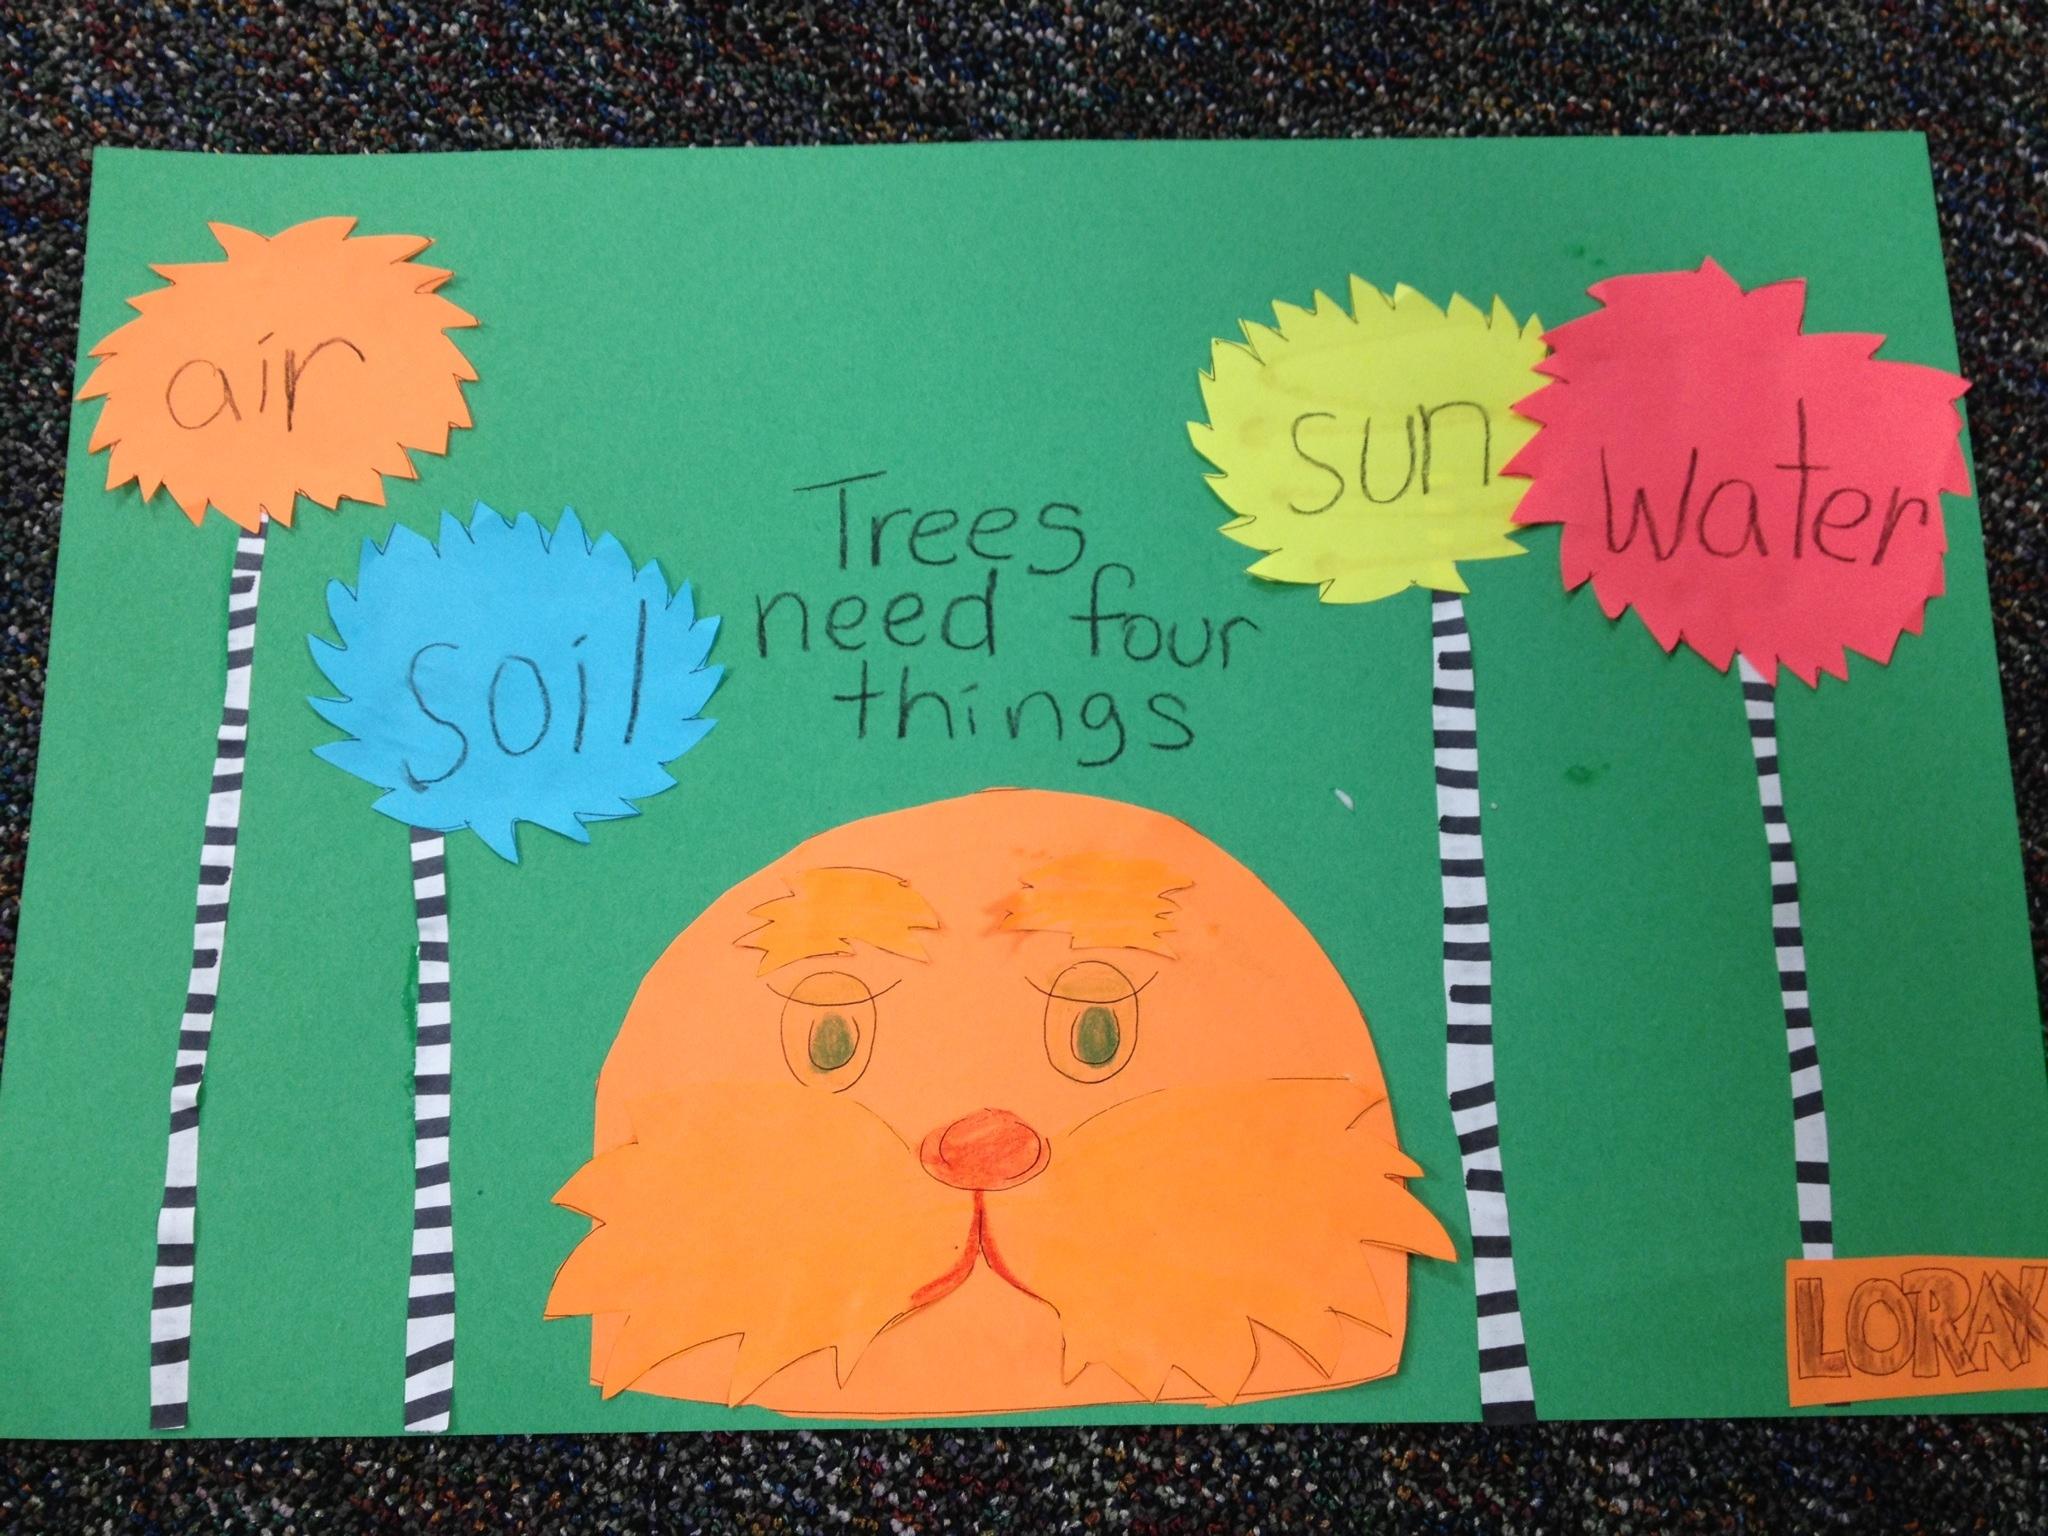 Dr seuss crafts green bean kindergarten for Dr seuss crafts for preschool